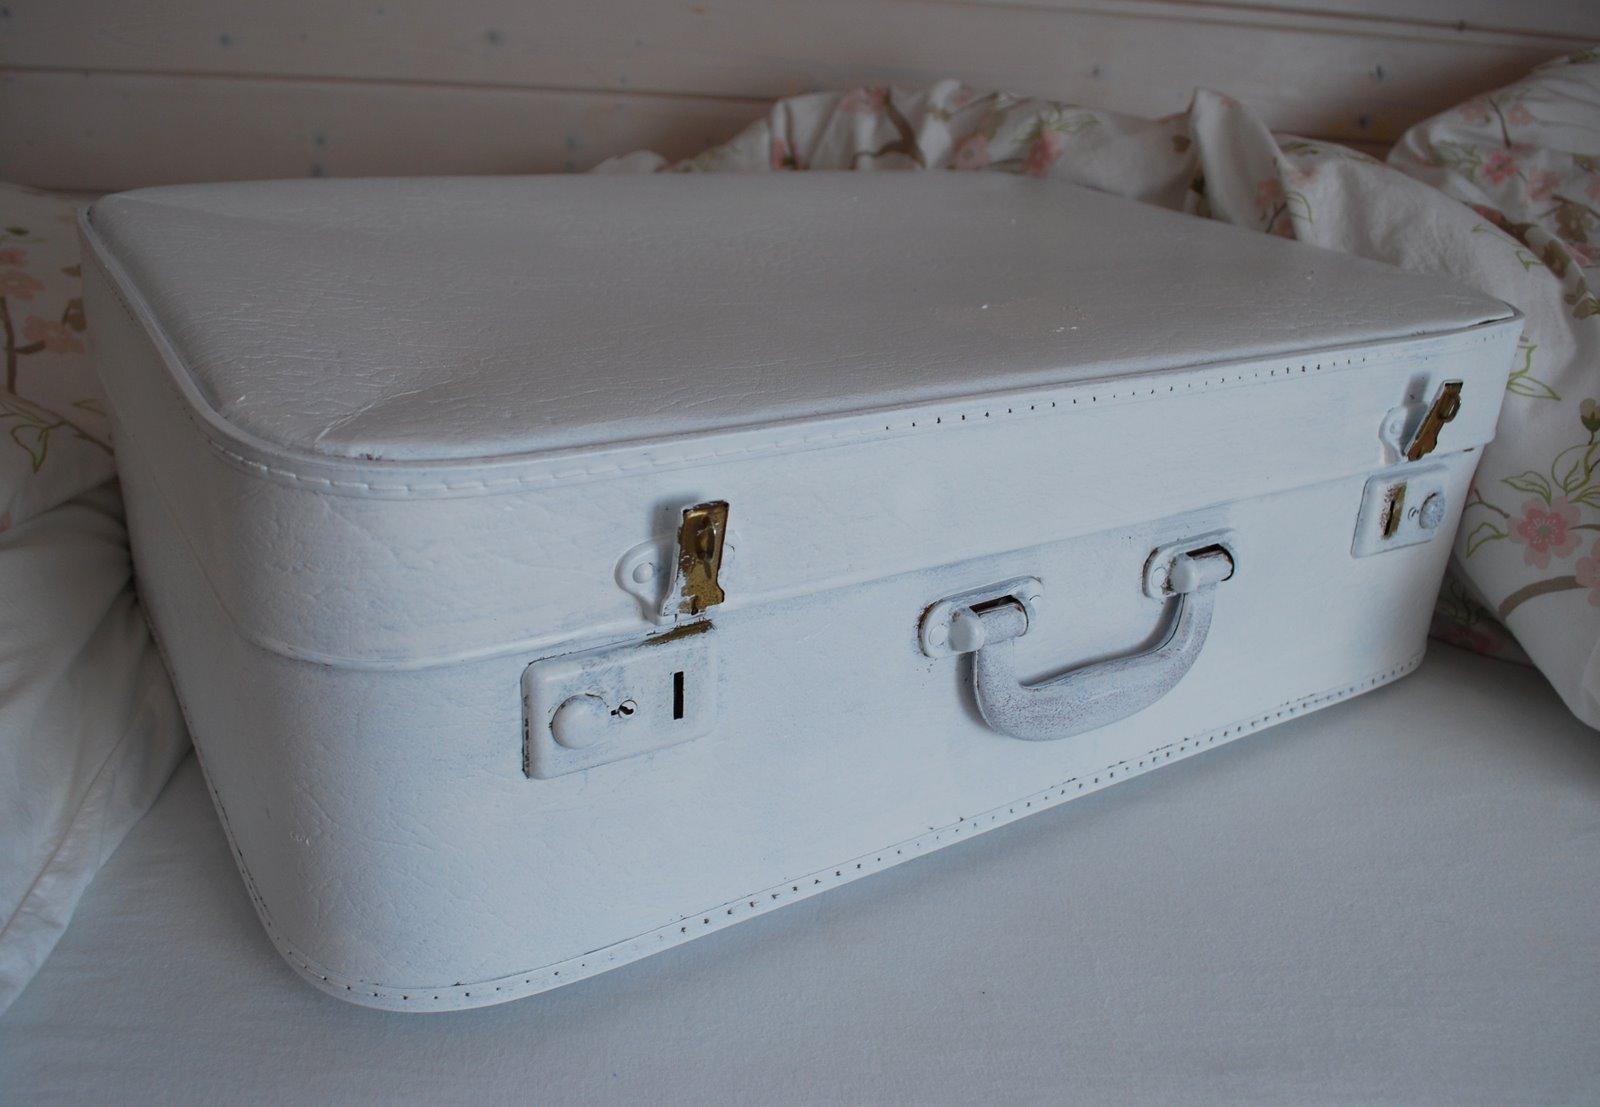 Mamas kram alter koffer in neuem kleid - Alte koffer dekorieren ...